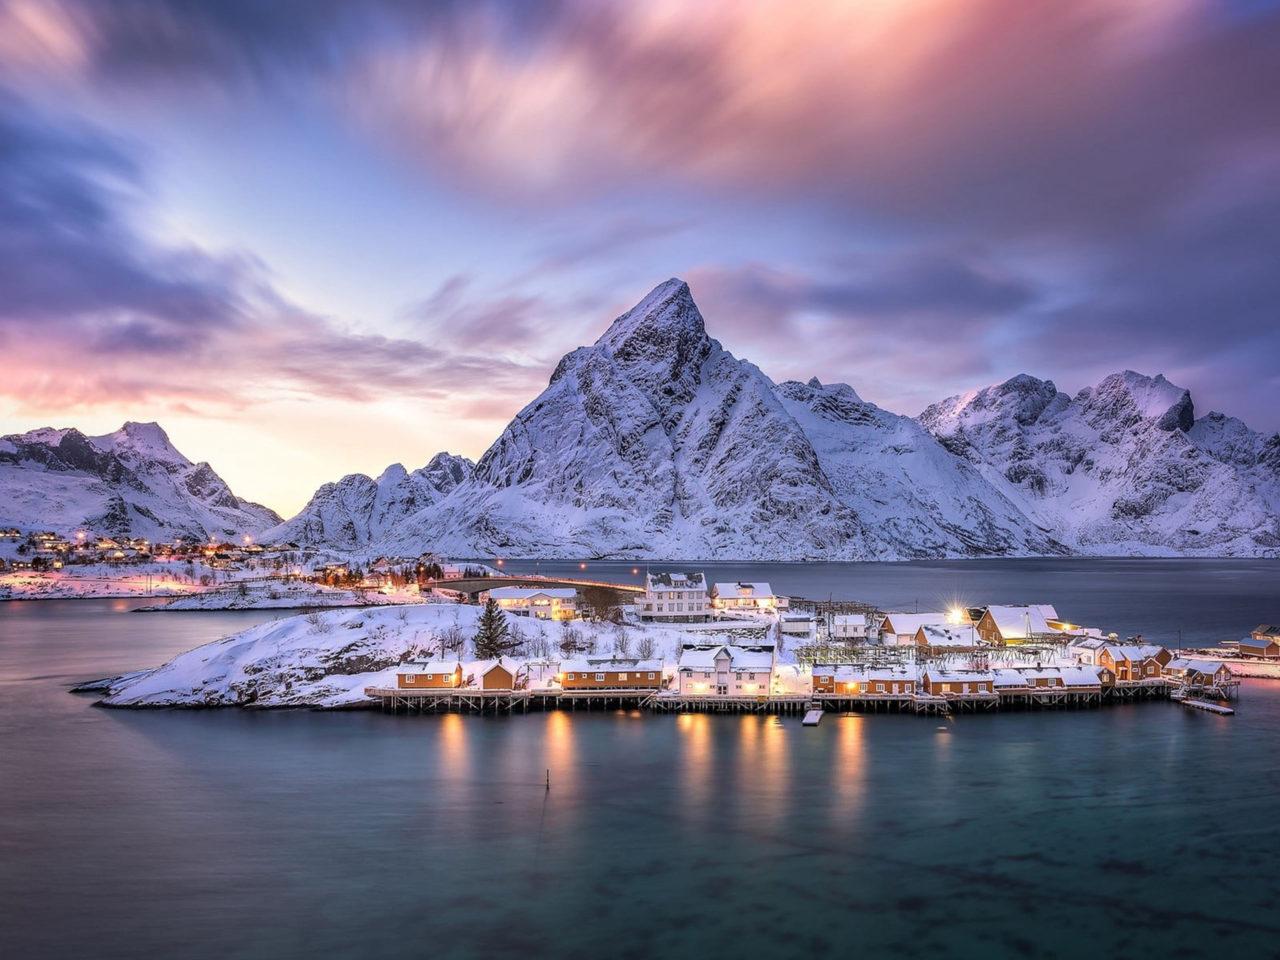 Cars Pc Wallpapers Hd Norway Islands Lofoten Archipelago Norway Reine Landscape